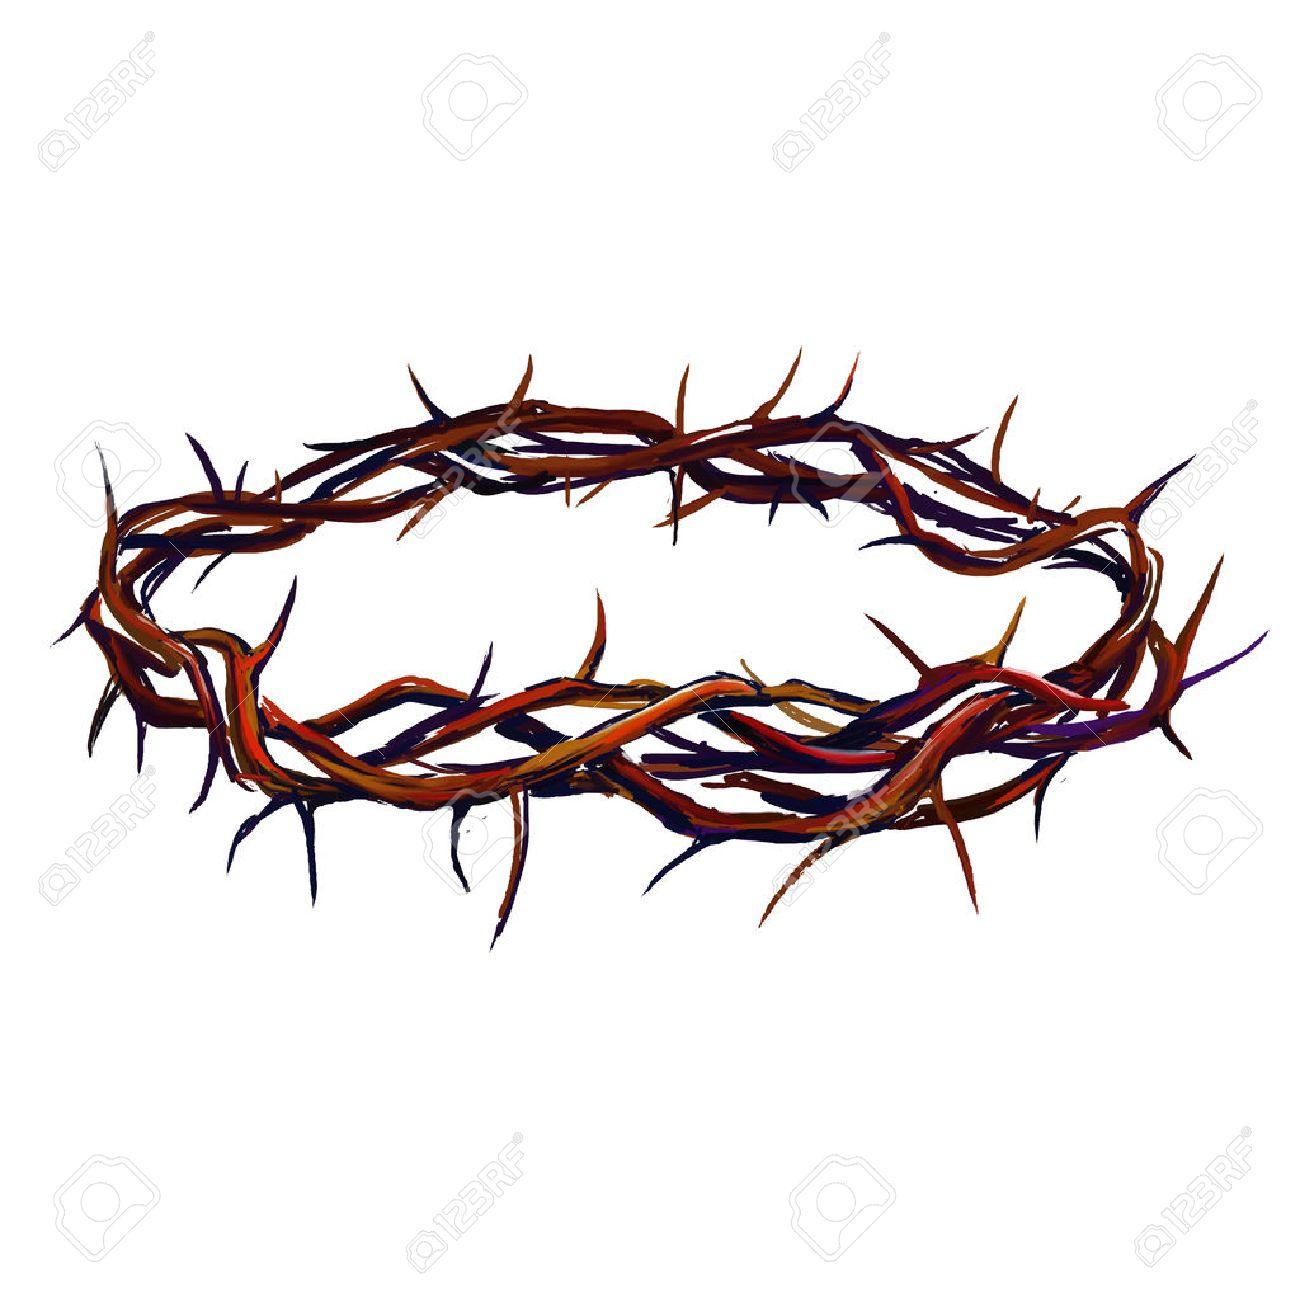 Corona De Espinas Ilustración Vectorial Dibujado A Mano Acuarela